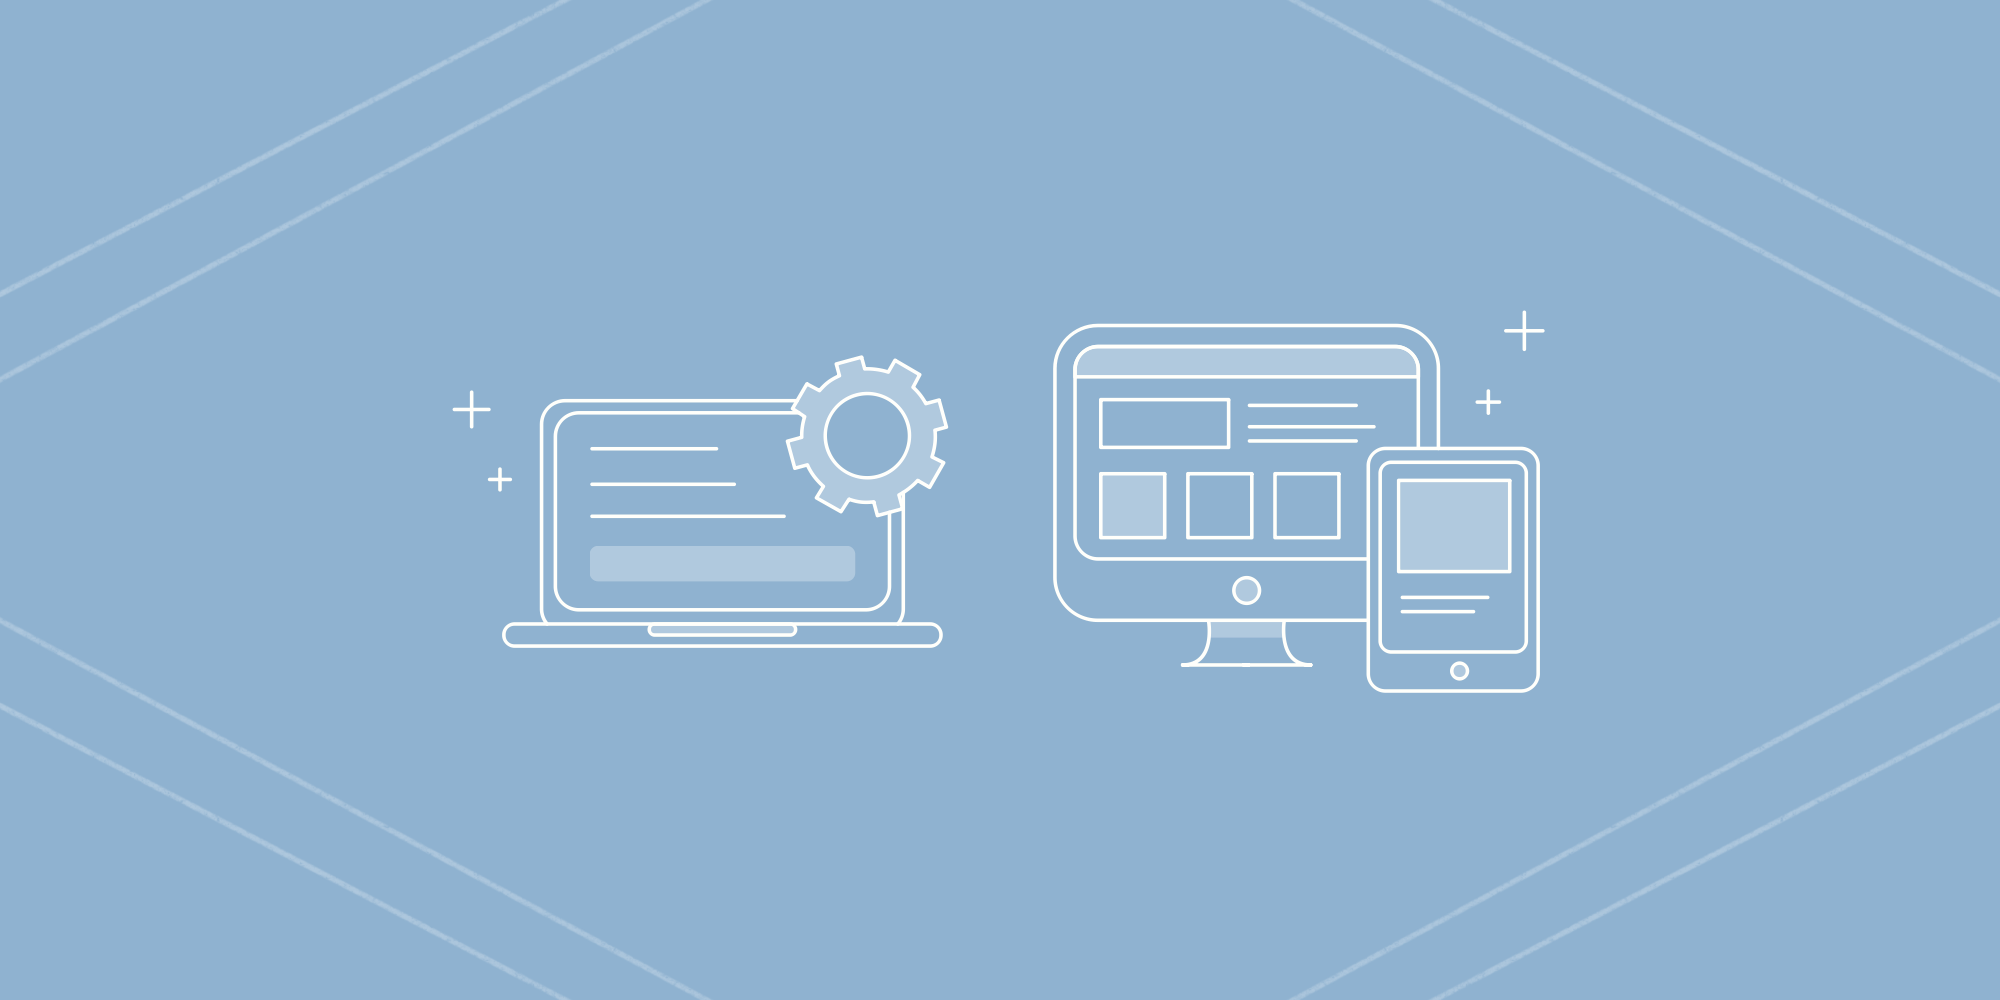 Как создавать инклюзивные и доступные цифровые продукты